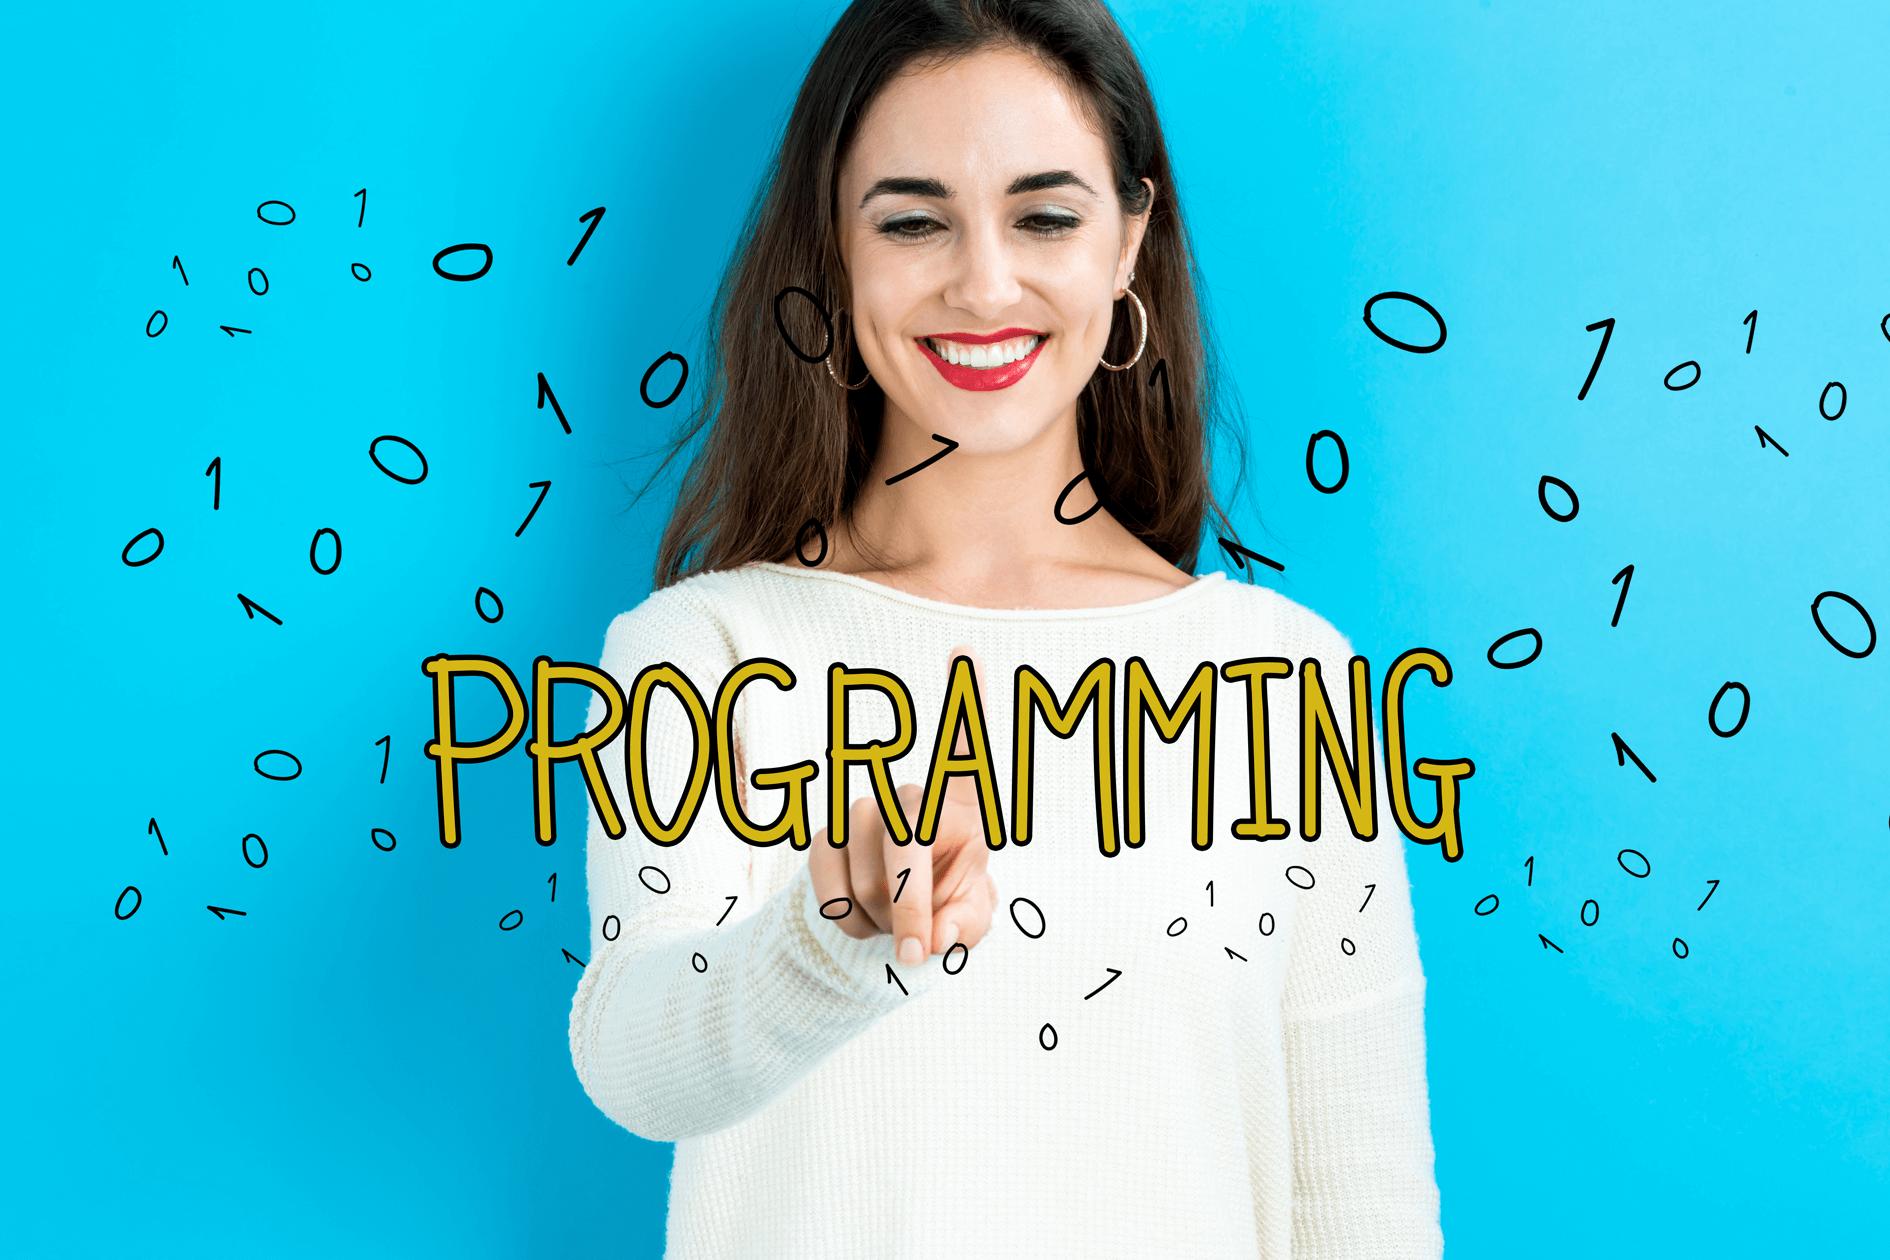 【入門者向け】最速でプログラミングを習得するための7つのポイント